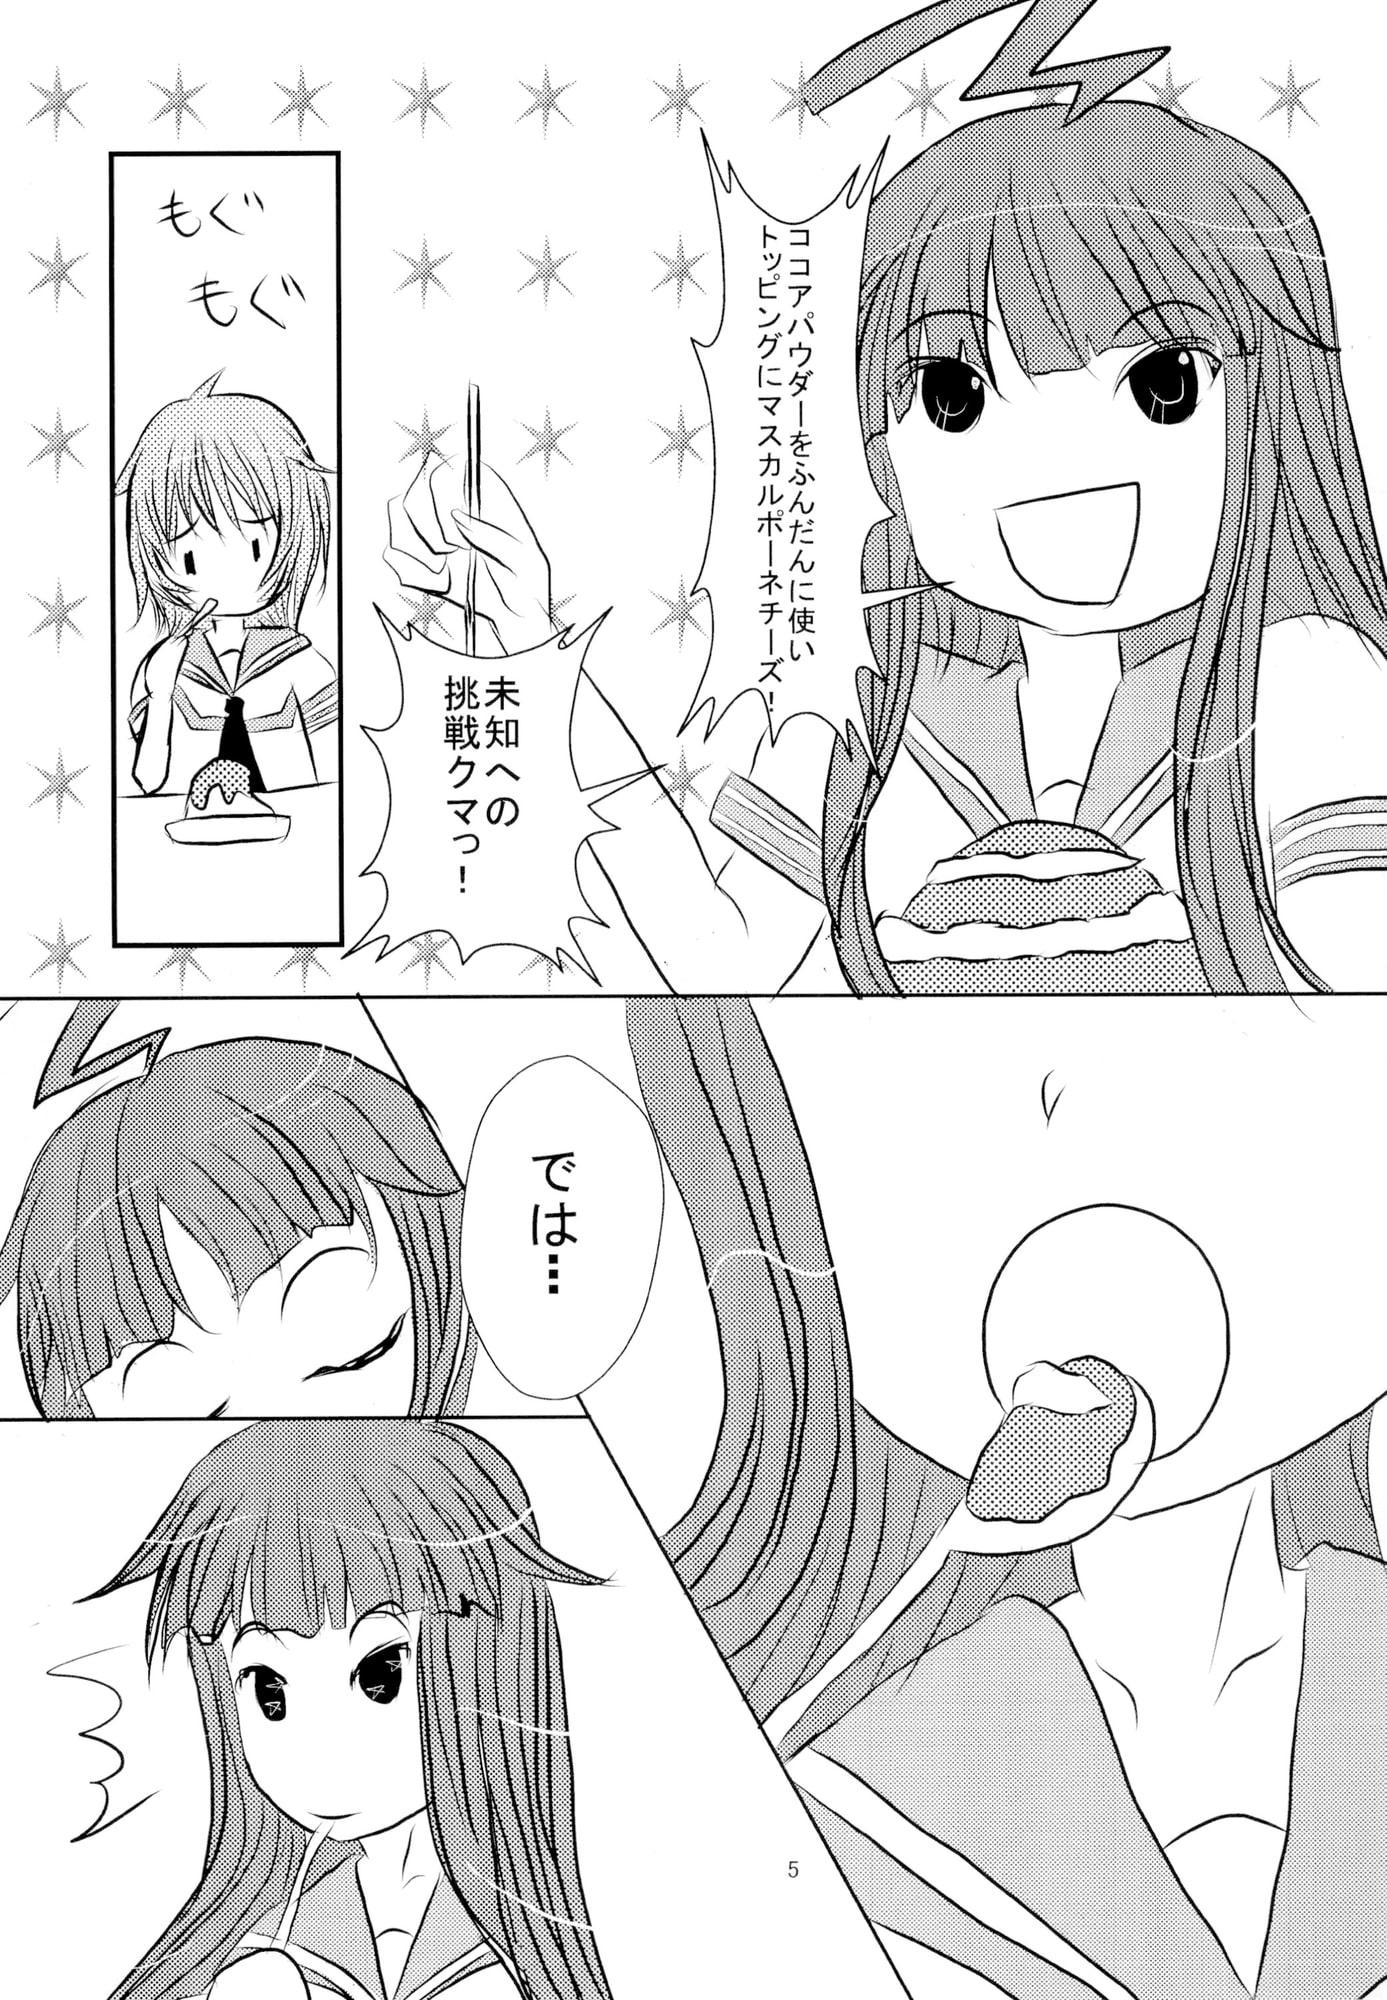 RJ337383 球磨は多摩の事が大好きなの! [20210801]